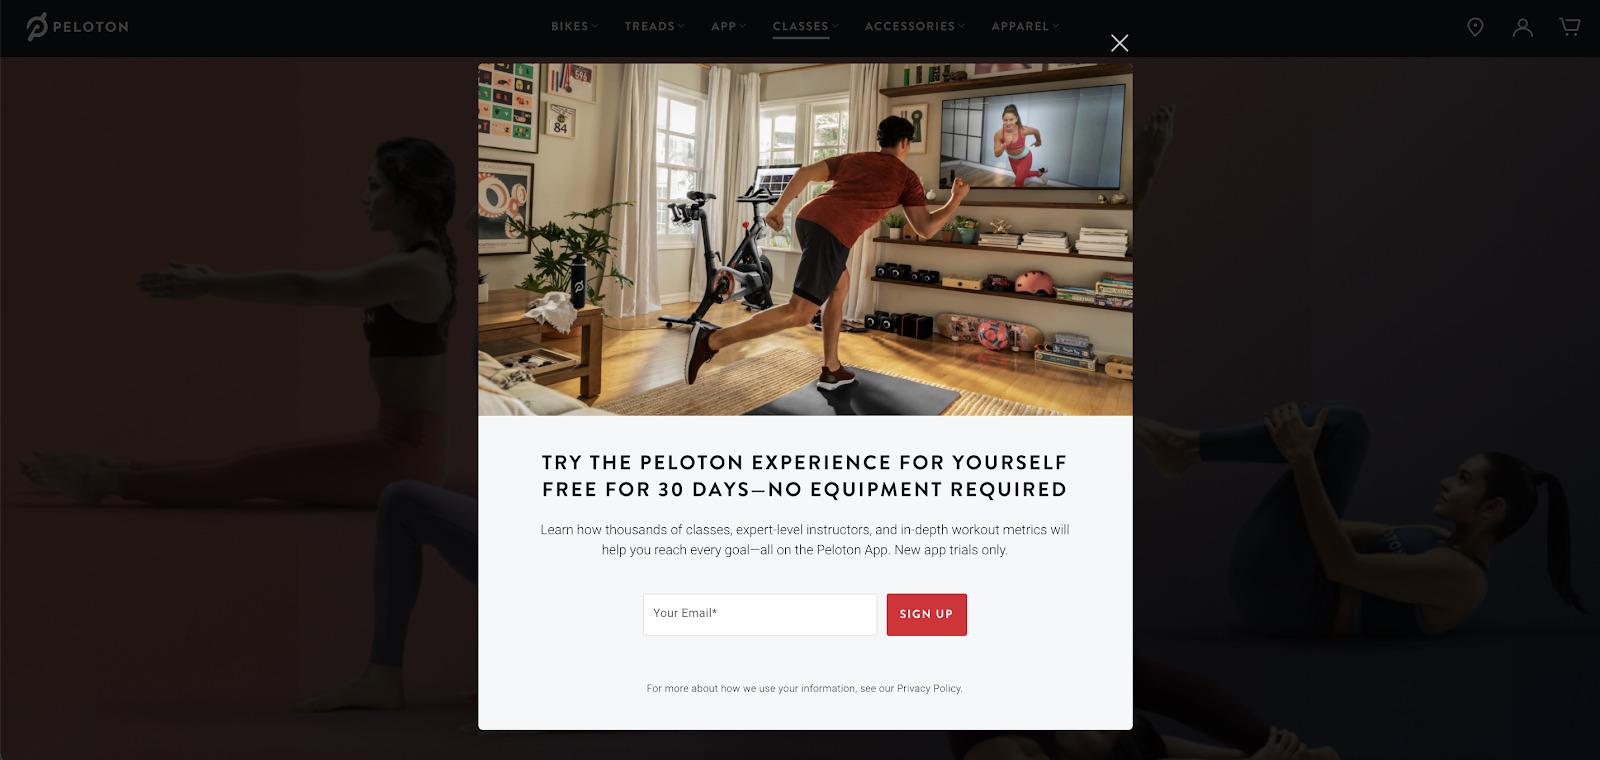 peloton example